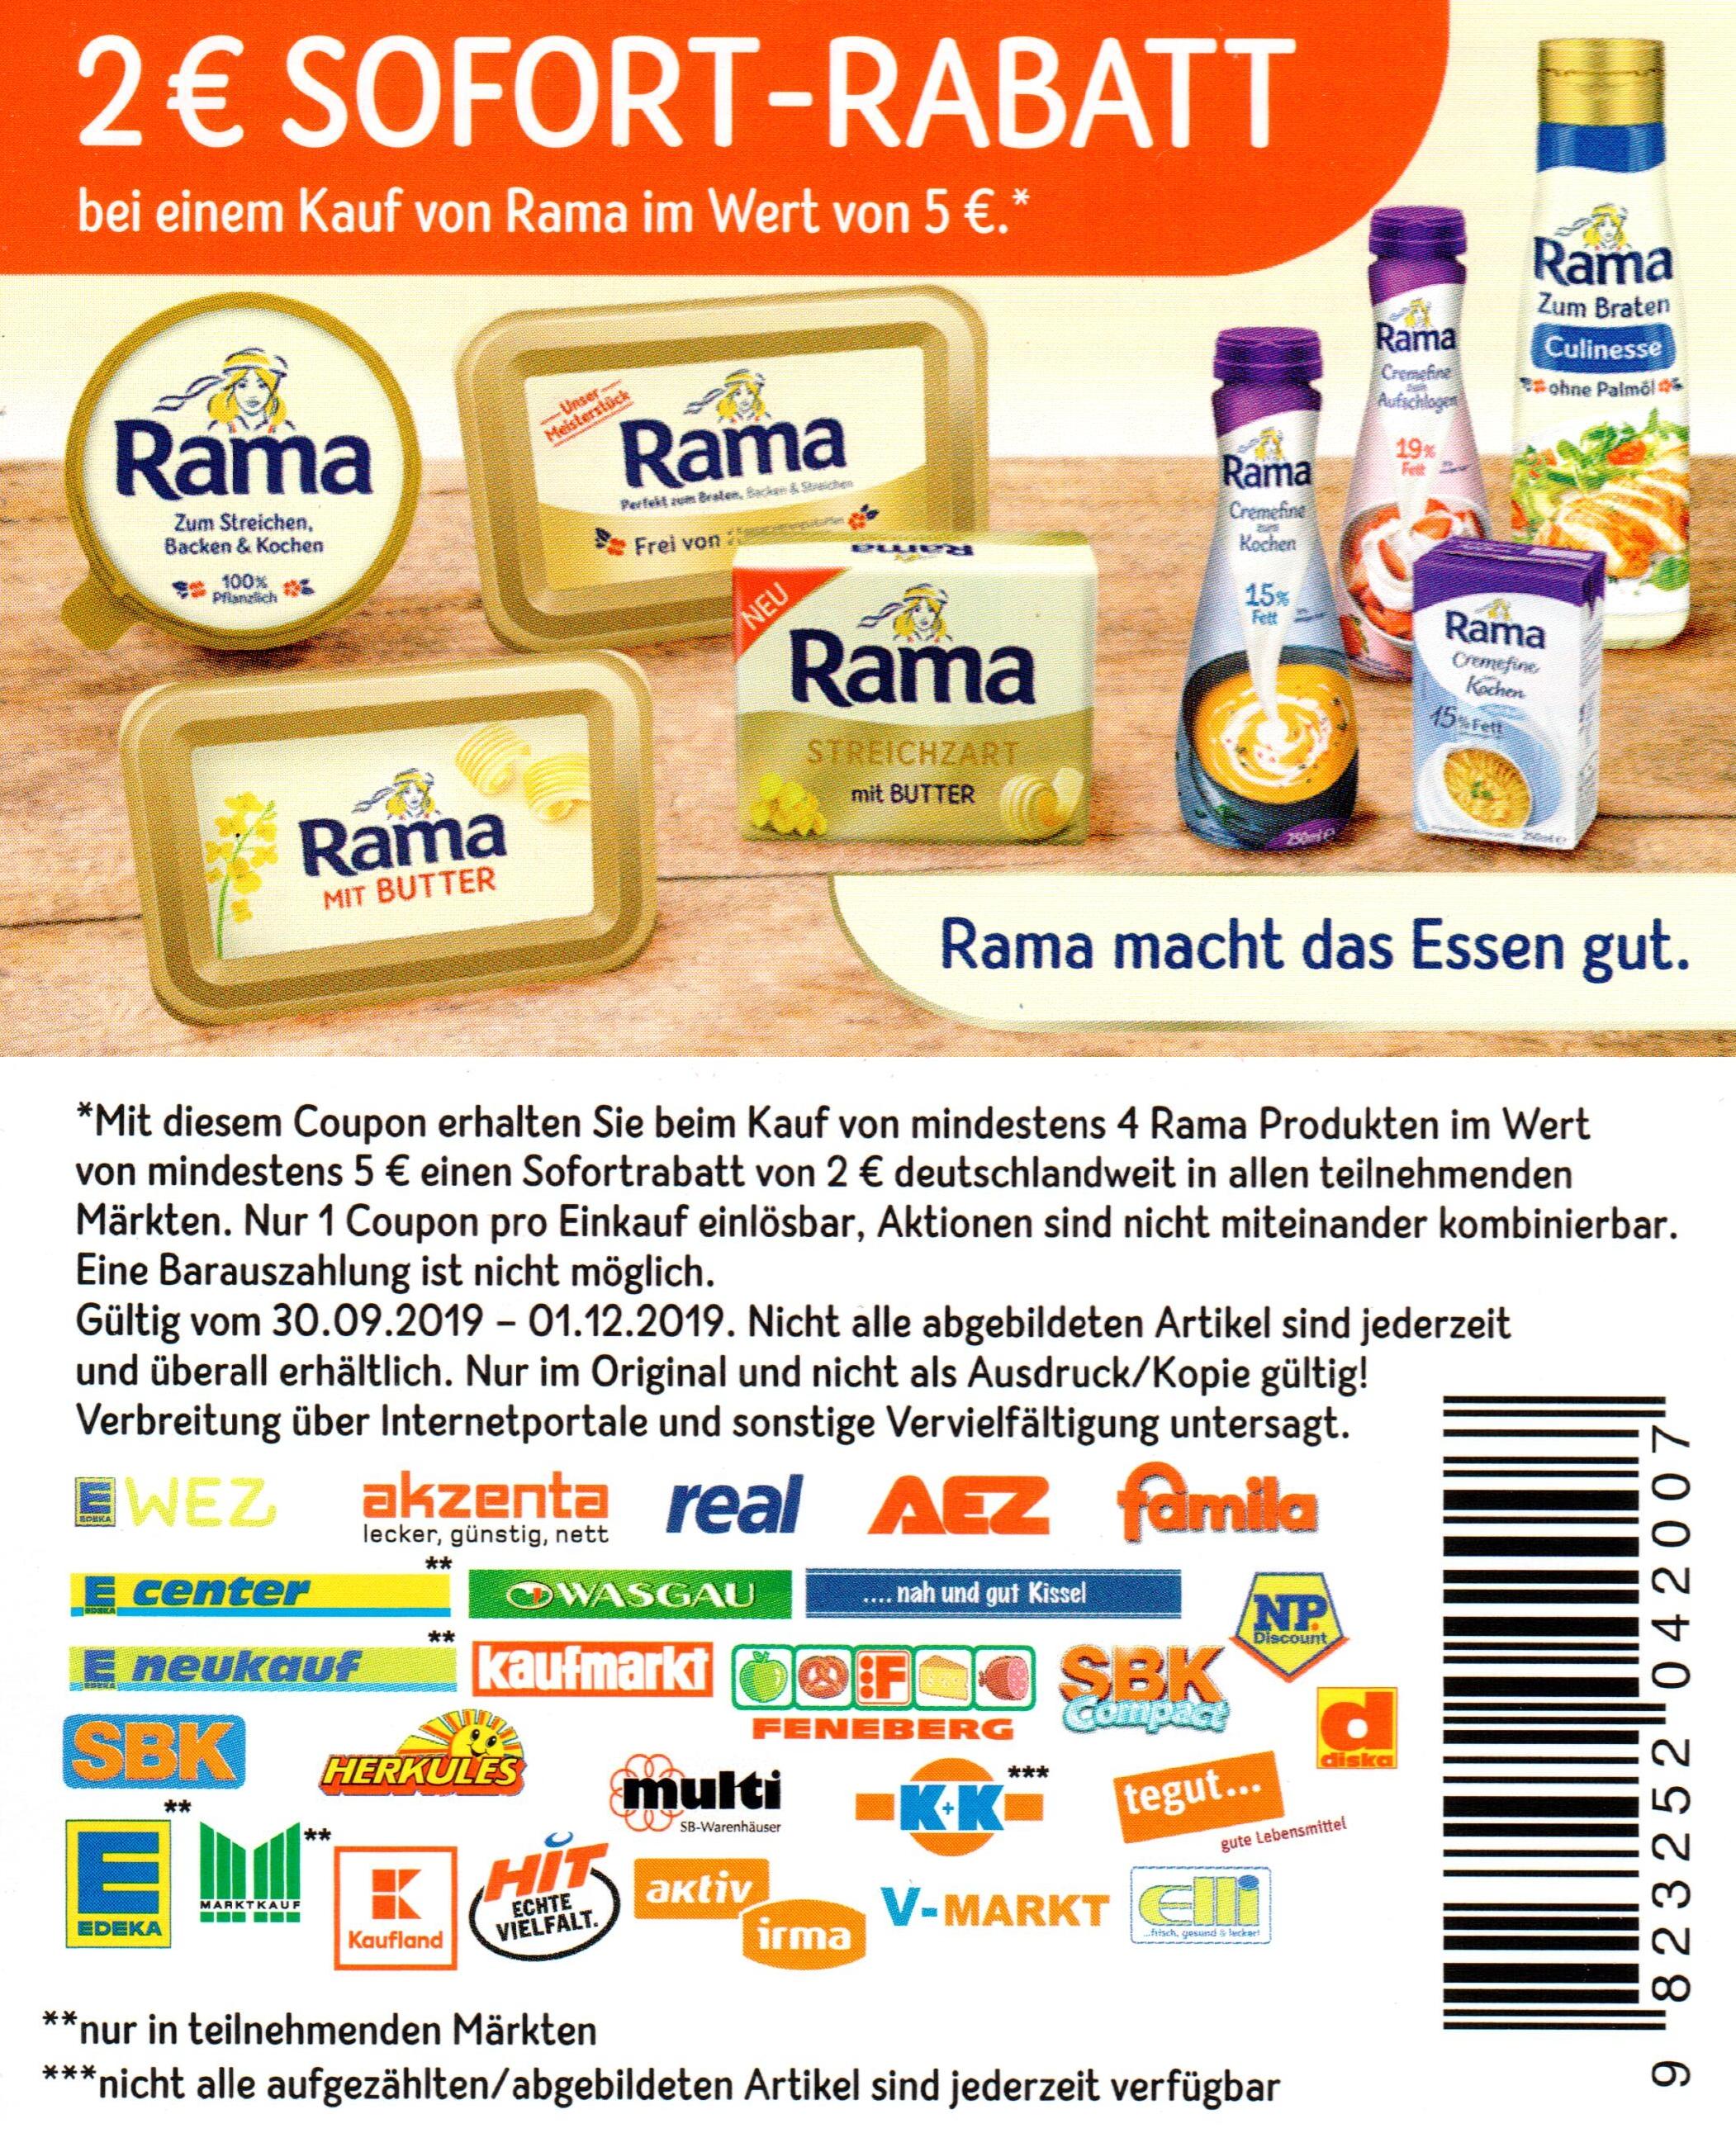 2€ Rabatt Coupon für den Kauf von mind. 4 Rama Produkten im Wert von mind. 5€ bis 01.12.2019